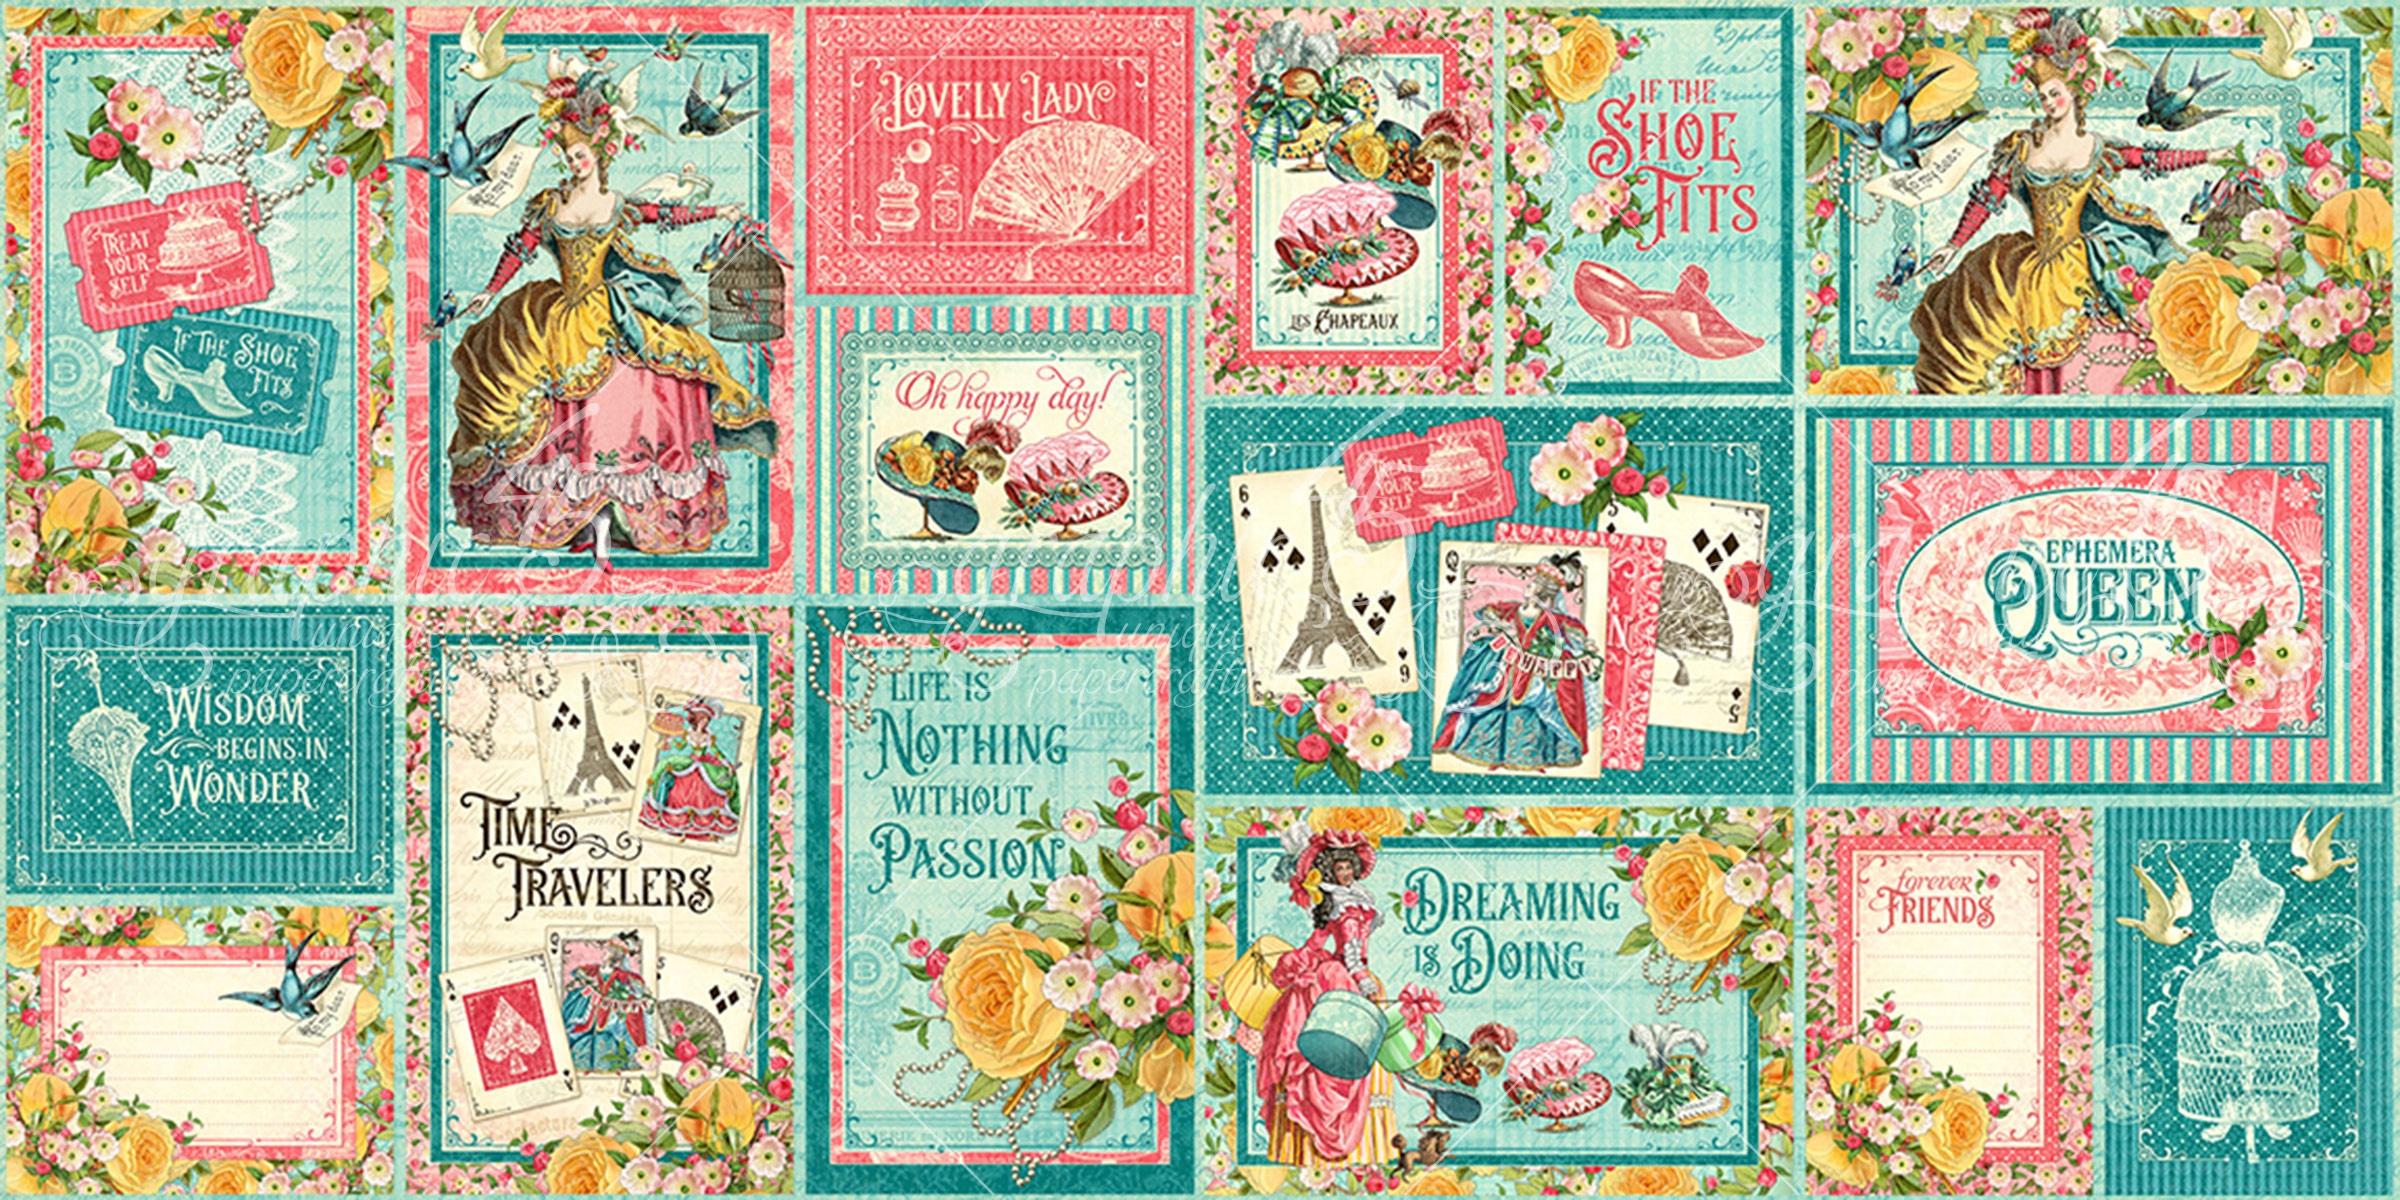 Ephemera Queen Ephemera & Journaling Cards